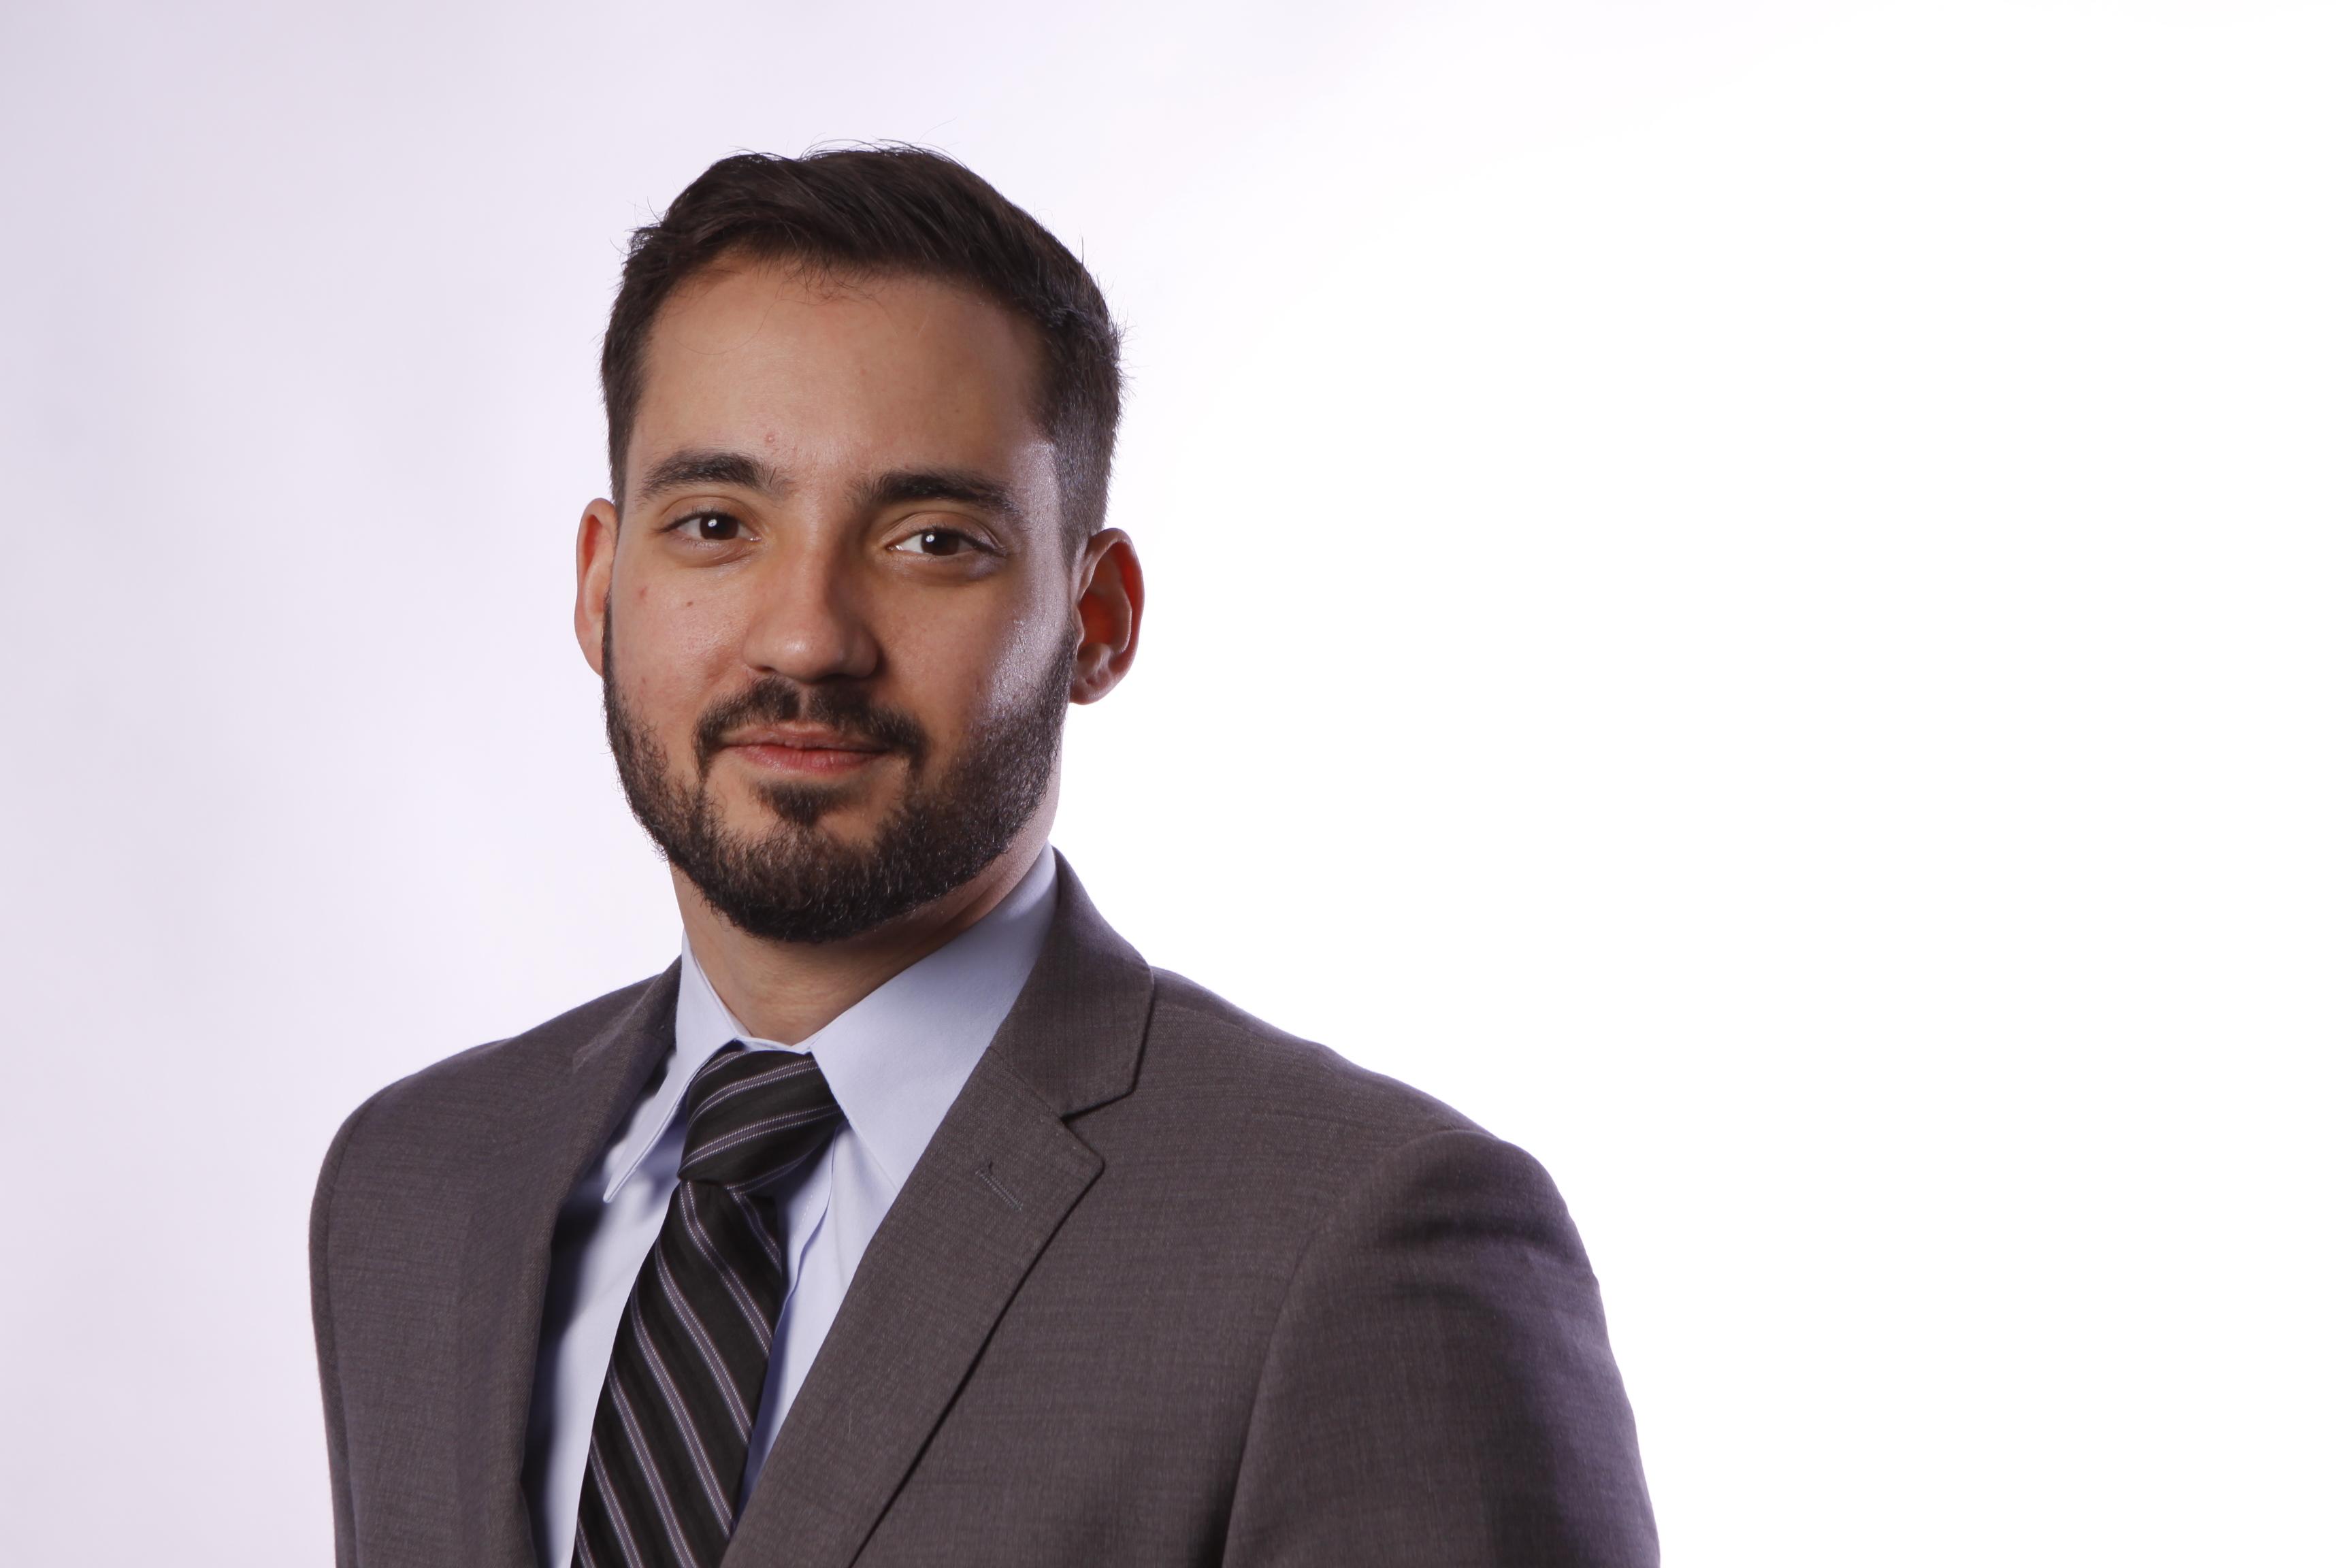 Gabriel Augusto Goncalves